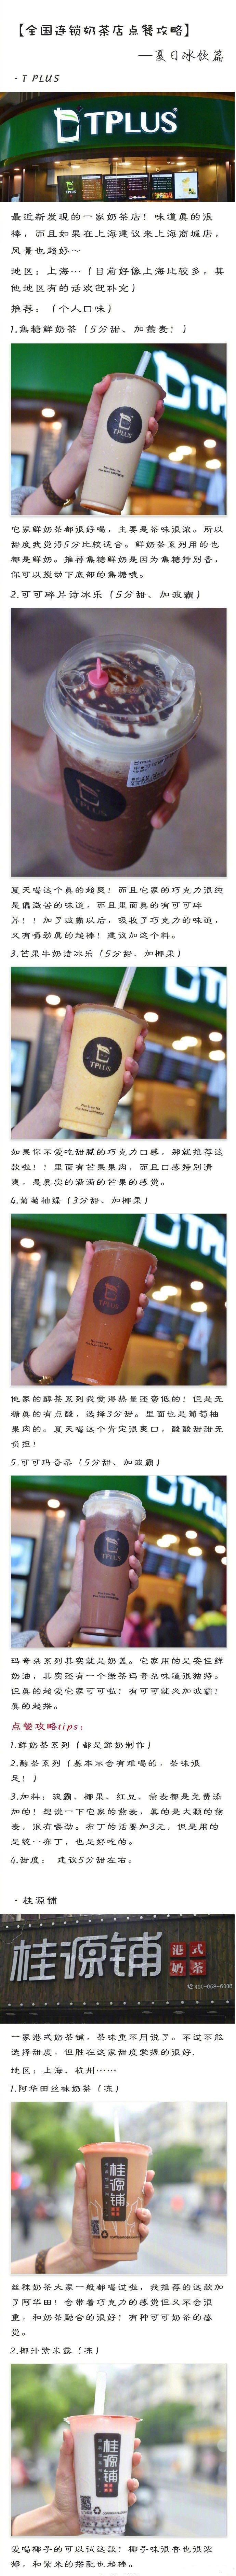 全国奶茶店攻略,愿你渴的时候刚好有杯喜欢的奶茶